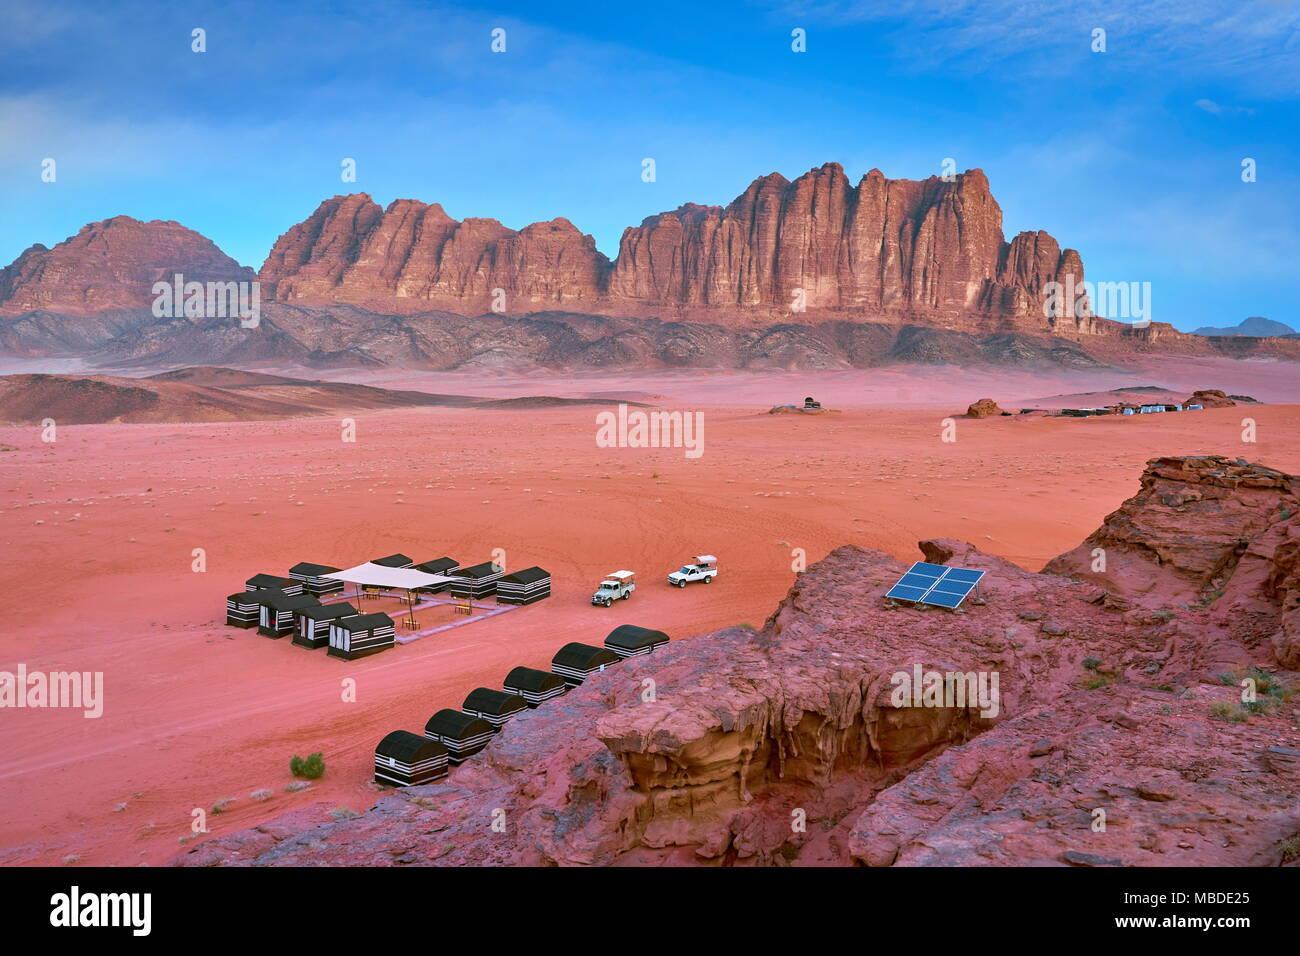 Beduin Camp, Wadi Rum Desert, Jordan - Stock Image